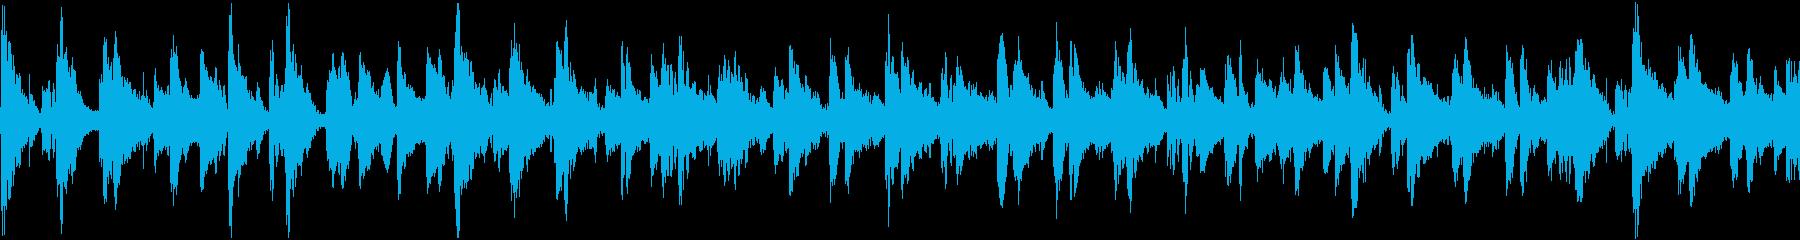 甘い音色の落ち着いたジャズトラックの再生済みの波形